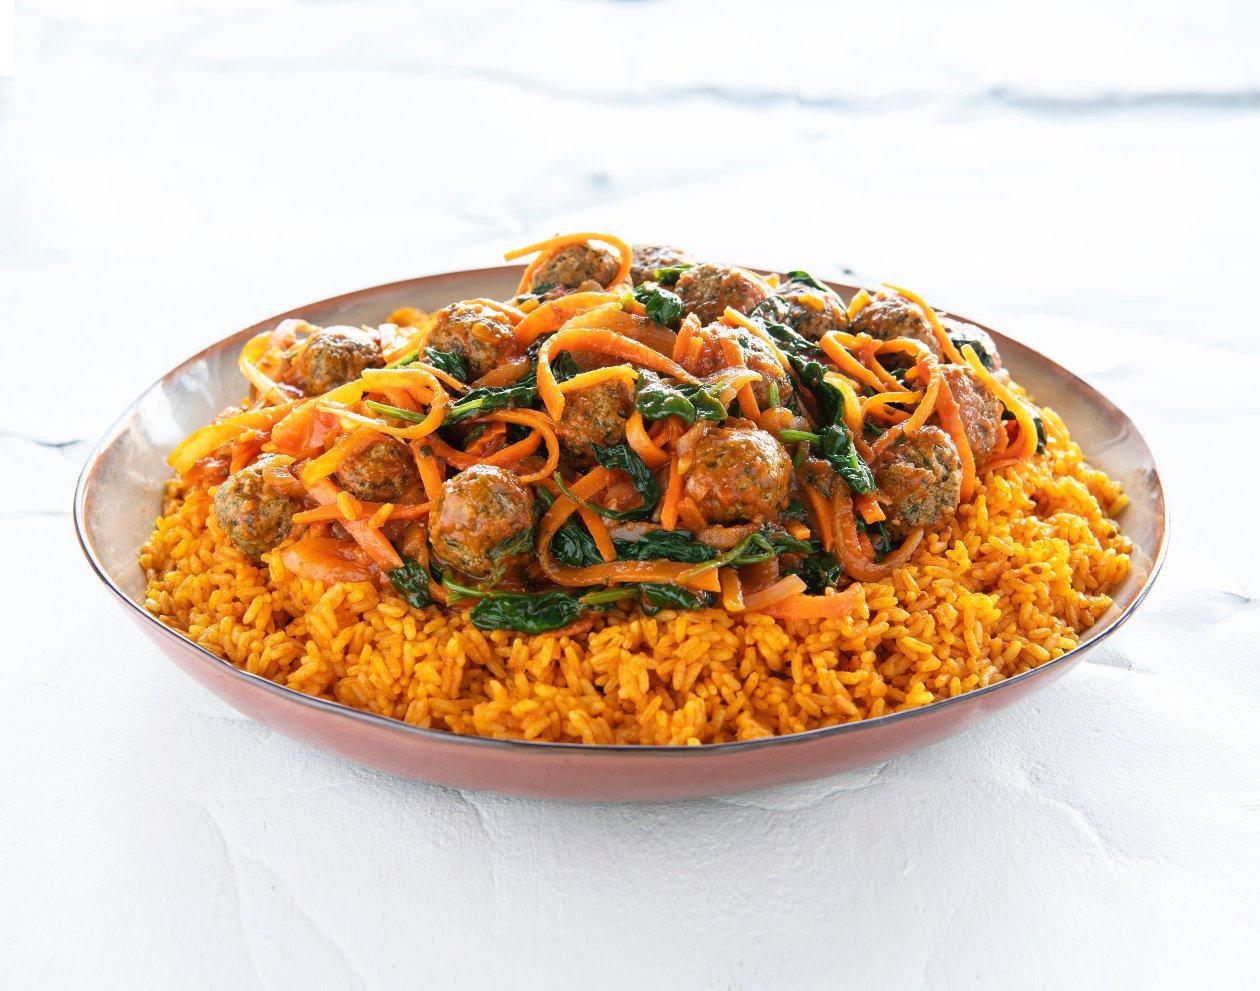 Chef Traiteur - Perzische gehaktballen met tomatenrijst – Recept